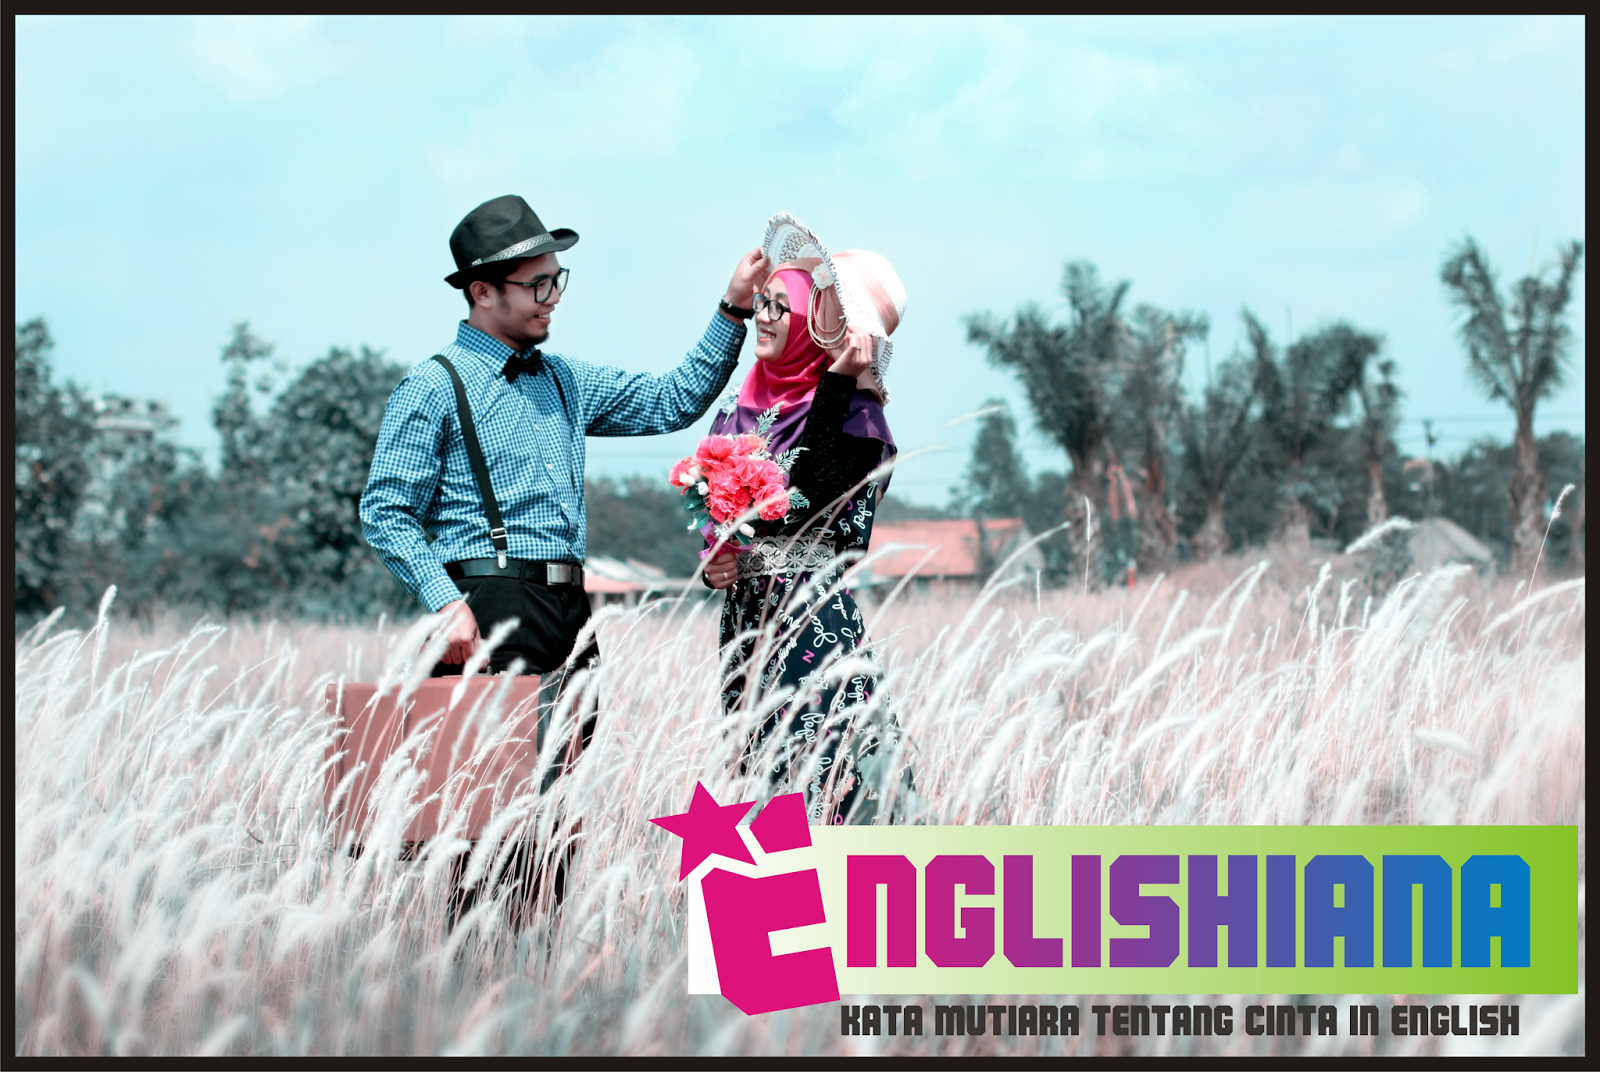 Kata Mutiara Bahasa Inggris Dan Terjemahannya Tentang Cinta